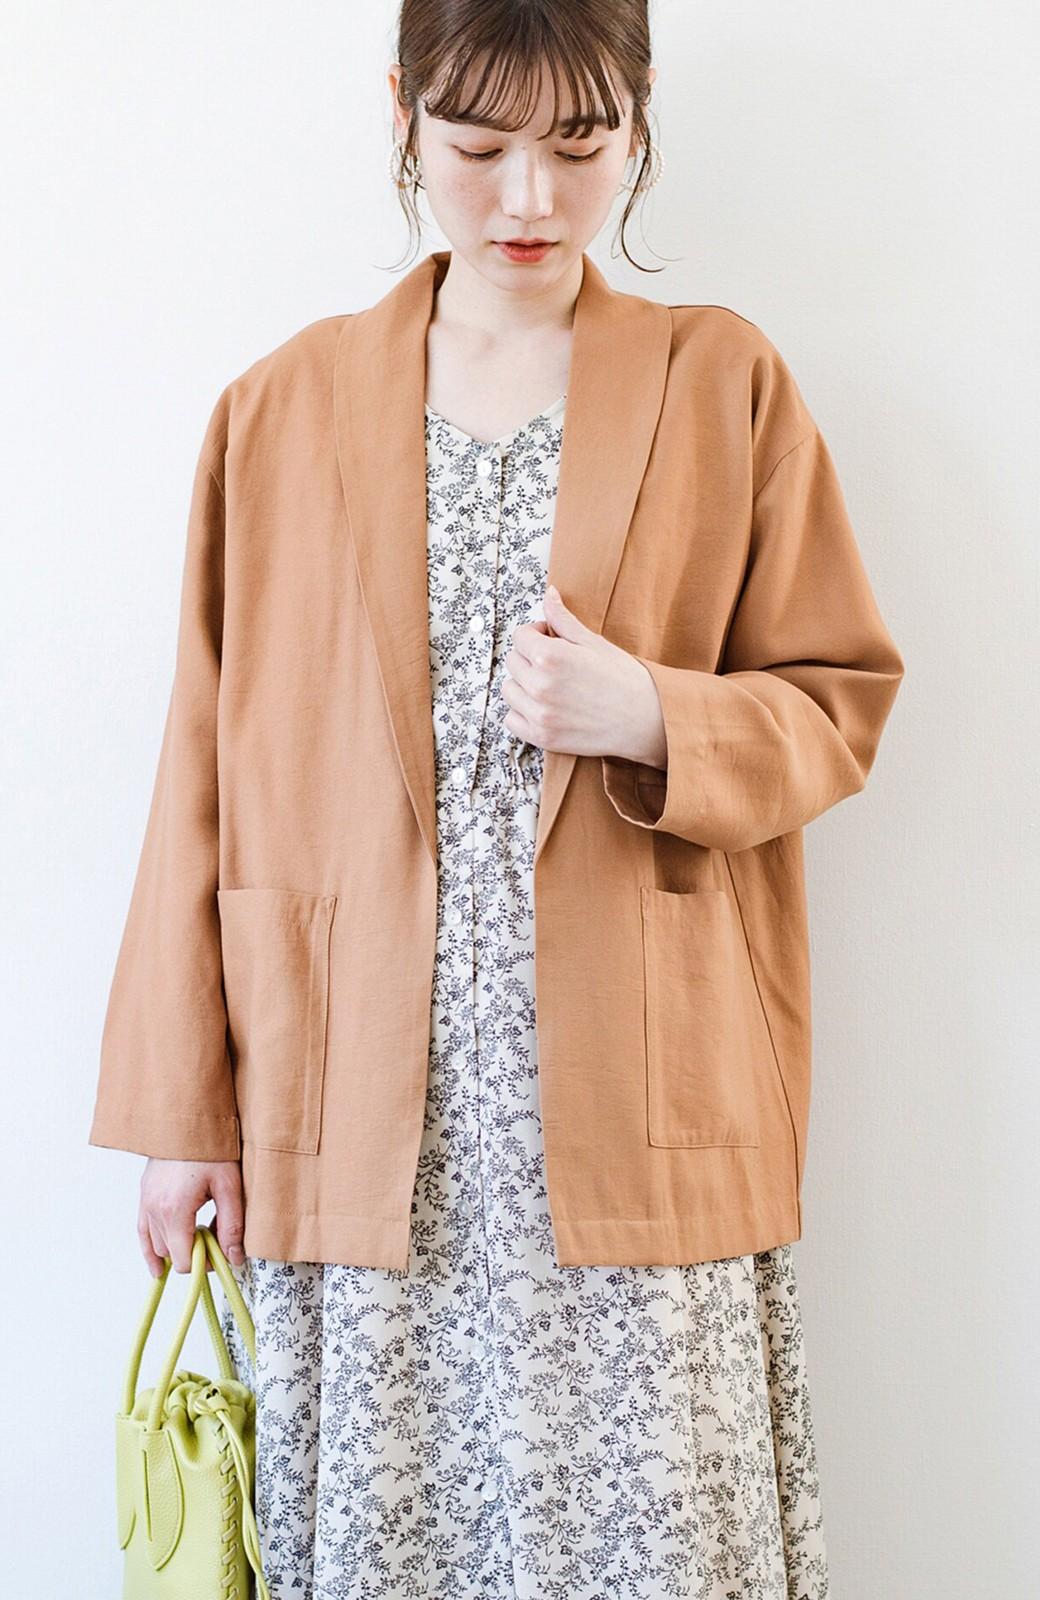 haco! さらりと羽織ってきれい見え カジュアルにも着られてほどよいきちんと感が頼りになるリラックスジャケット <キャメル>の商品写真3